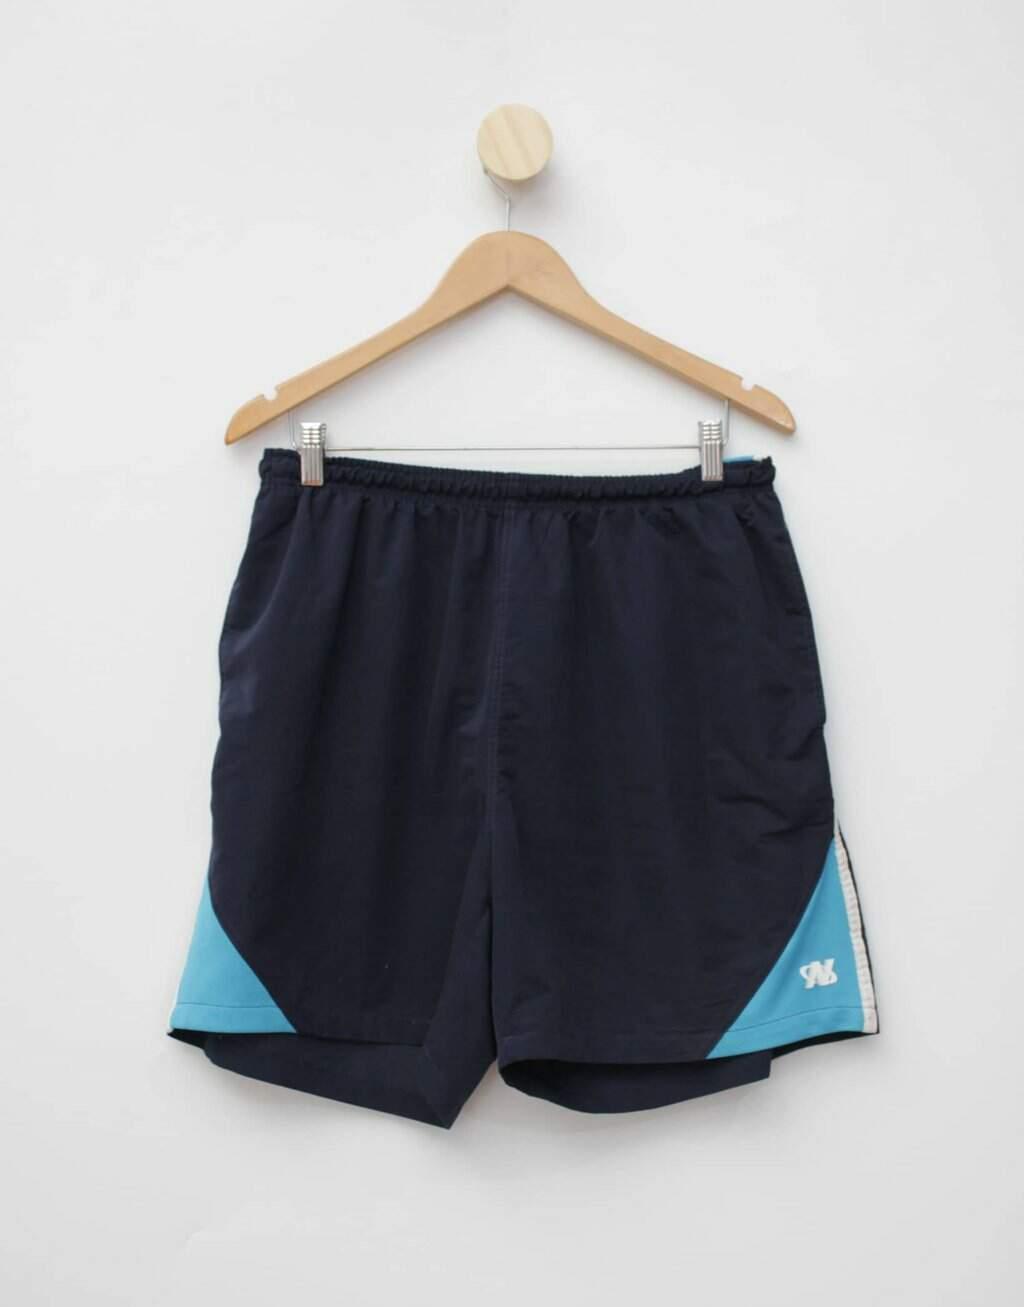 Oferta Bermuda de academia netshoes masculina azul por R$ 25